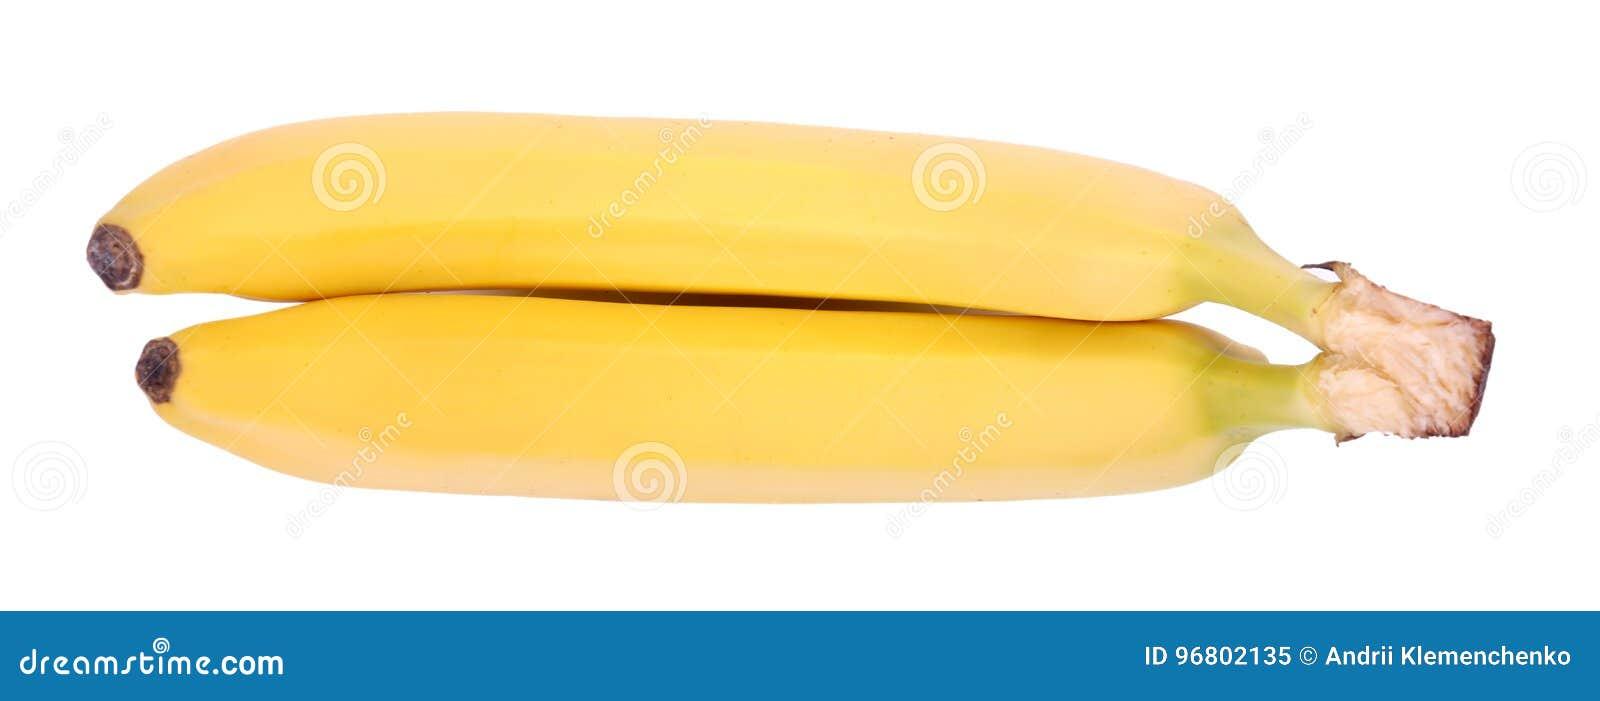 Ett slut upp av ett par av gula bananer Söta bananer som isoleras på en vit bakgrund Tropiska frukter mycket av healthful vitamin